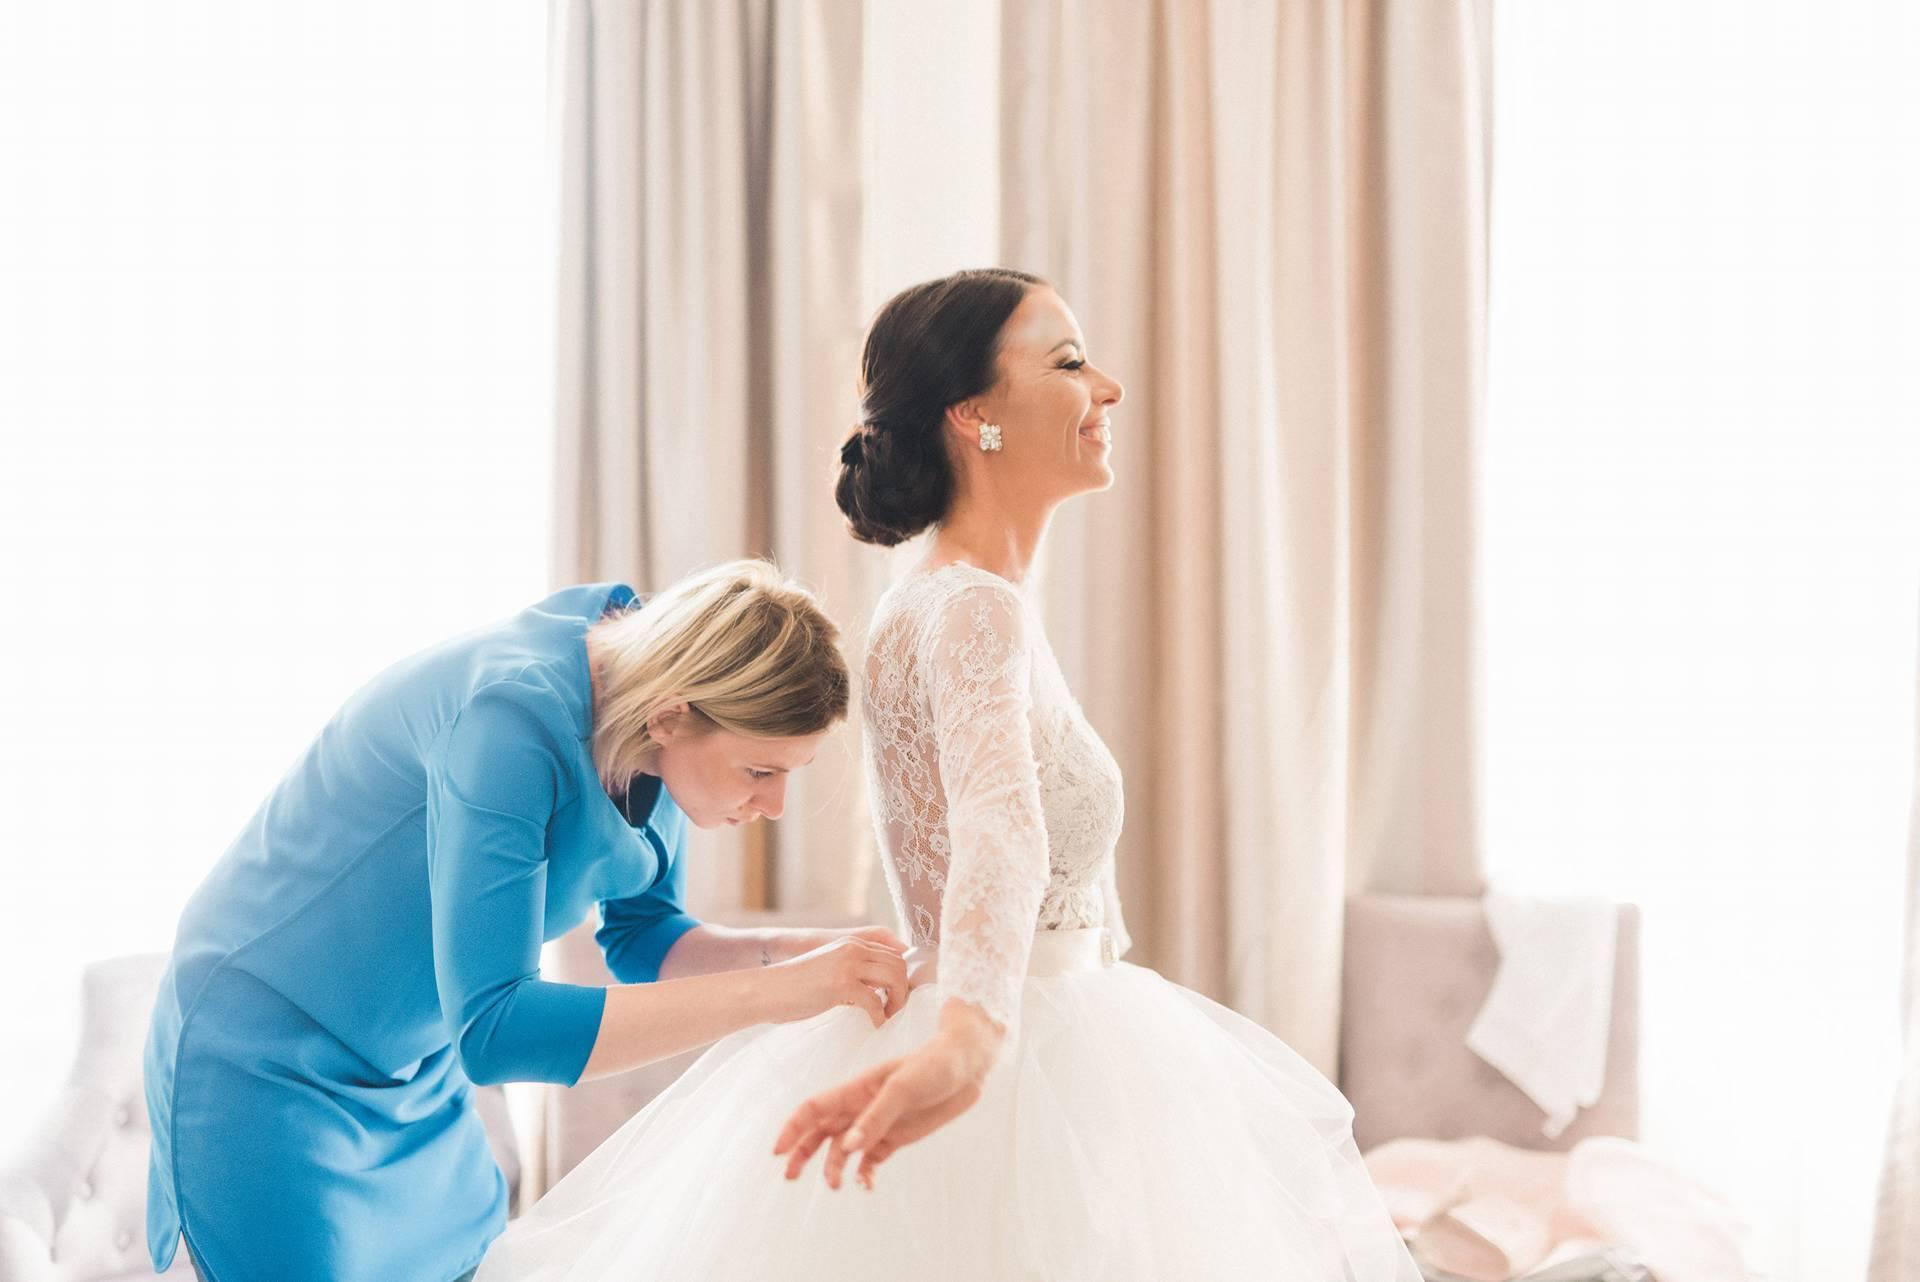 igazi esküvő - Niki és Sanyi 33